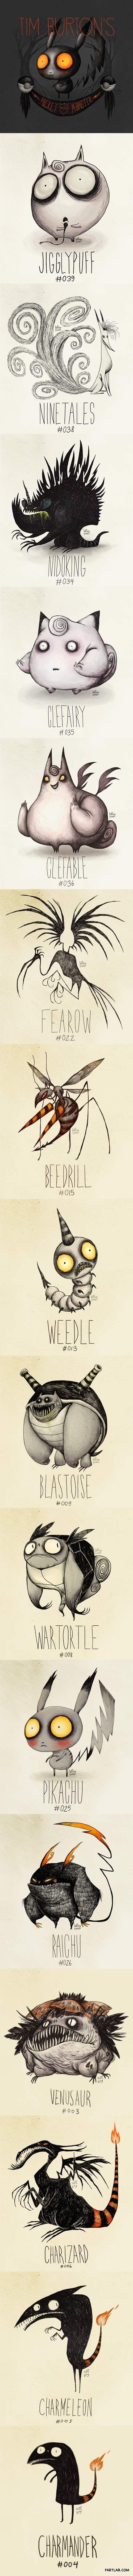 Tim Burton inspired Pokemon drawings by Vaughn Pinpin.